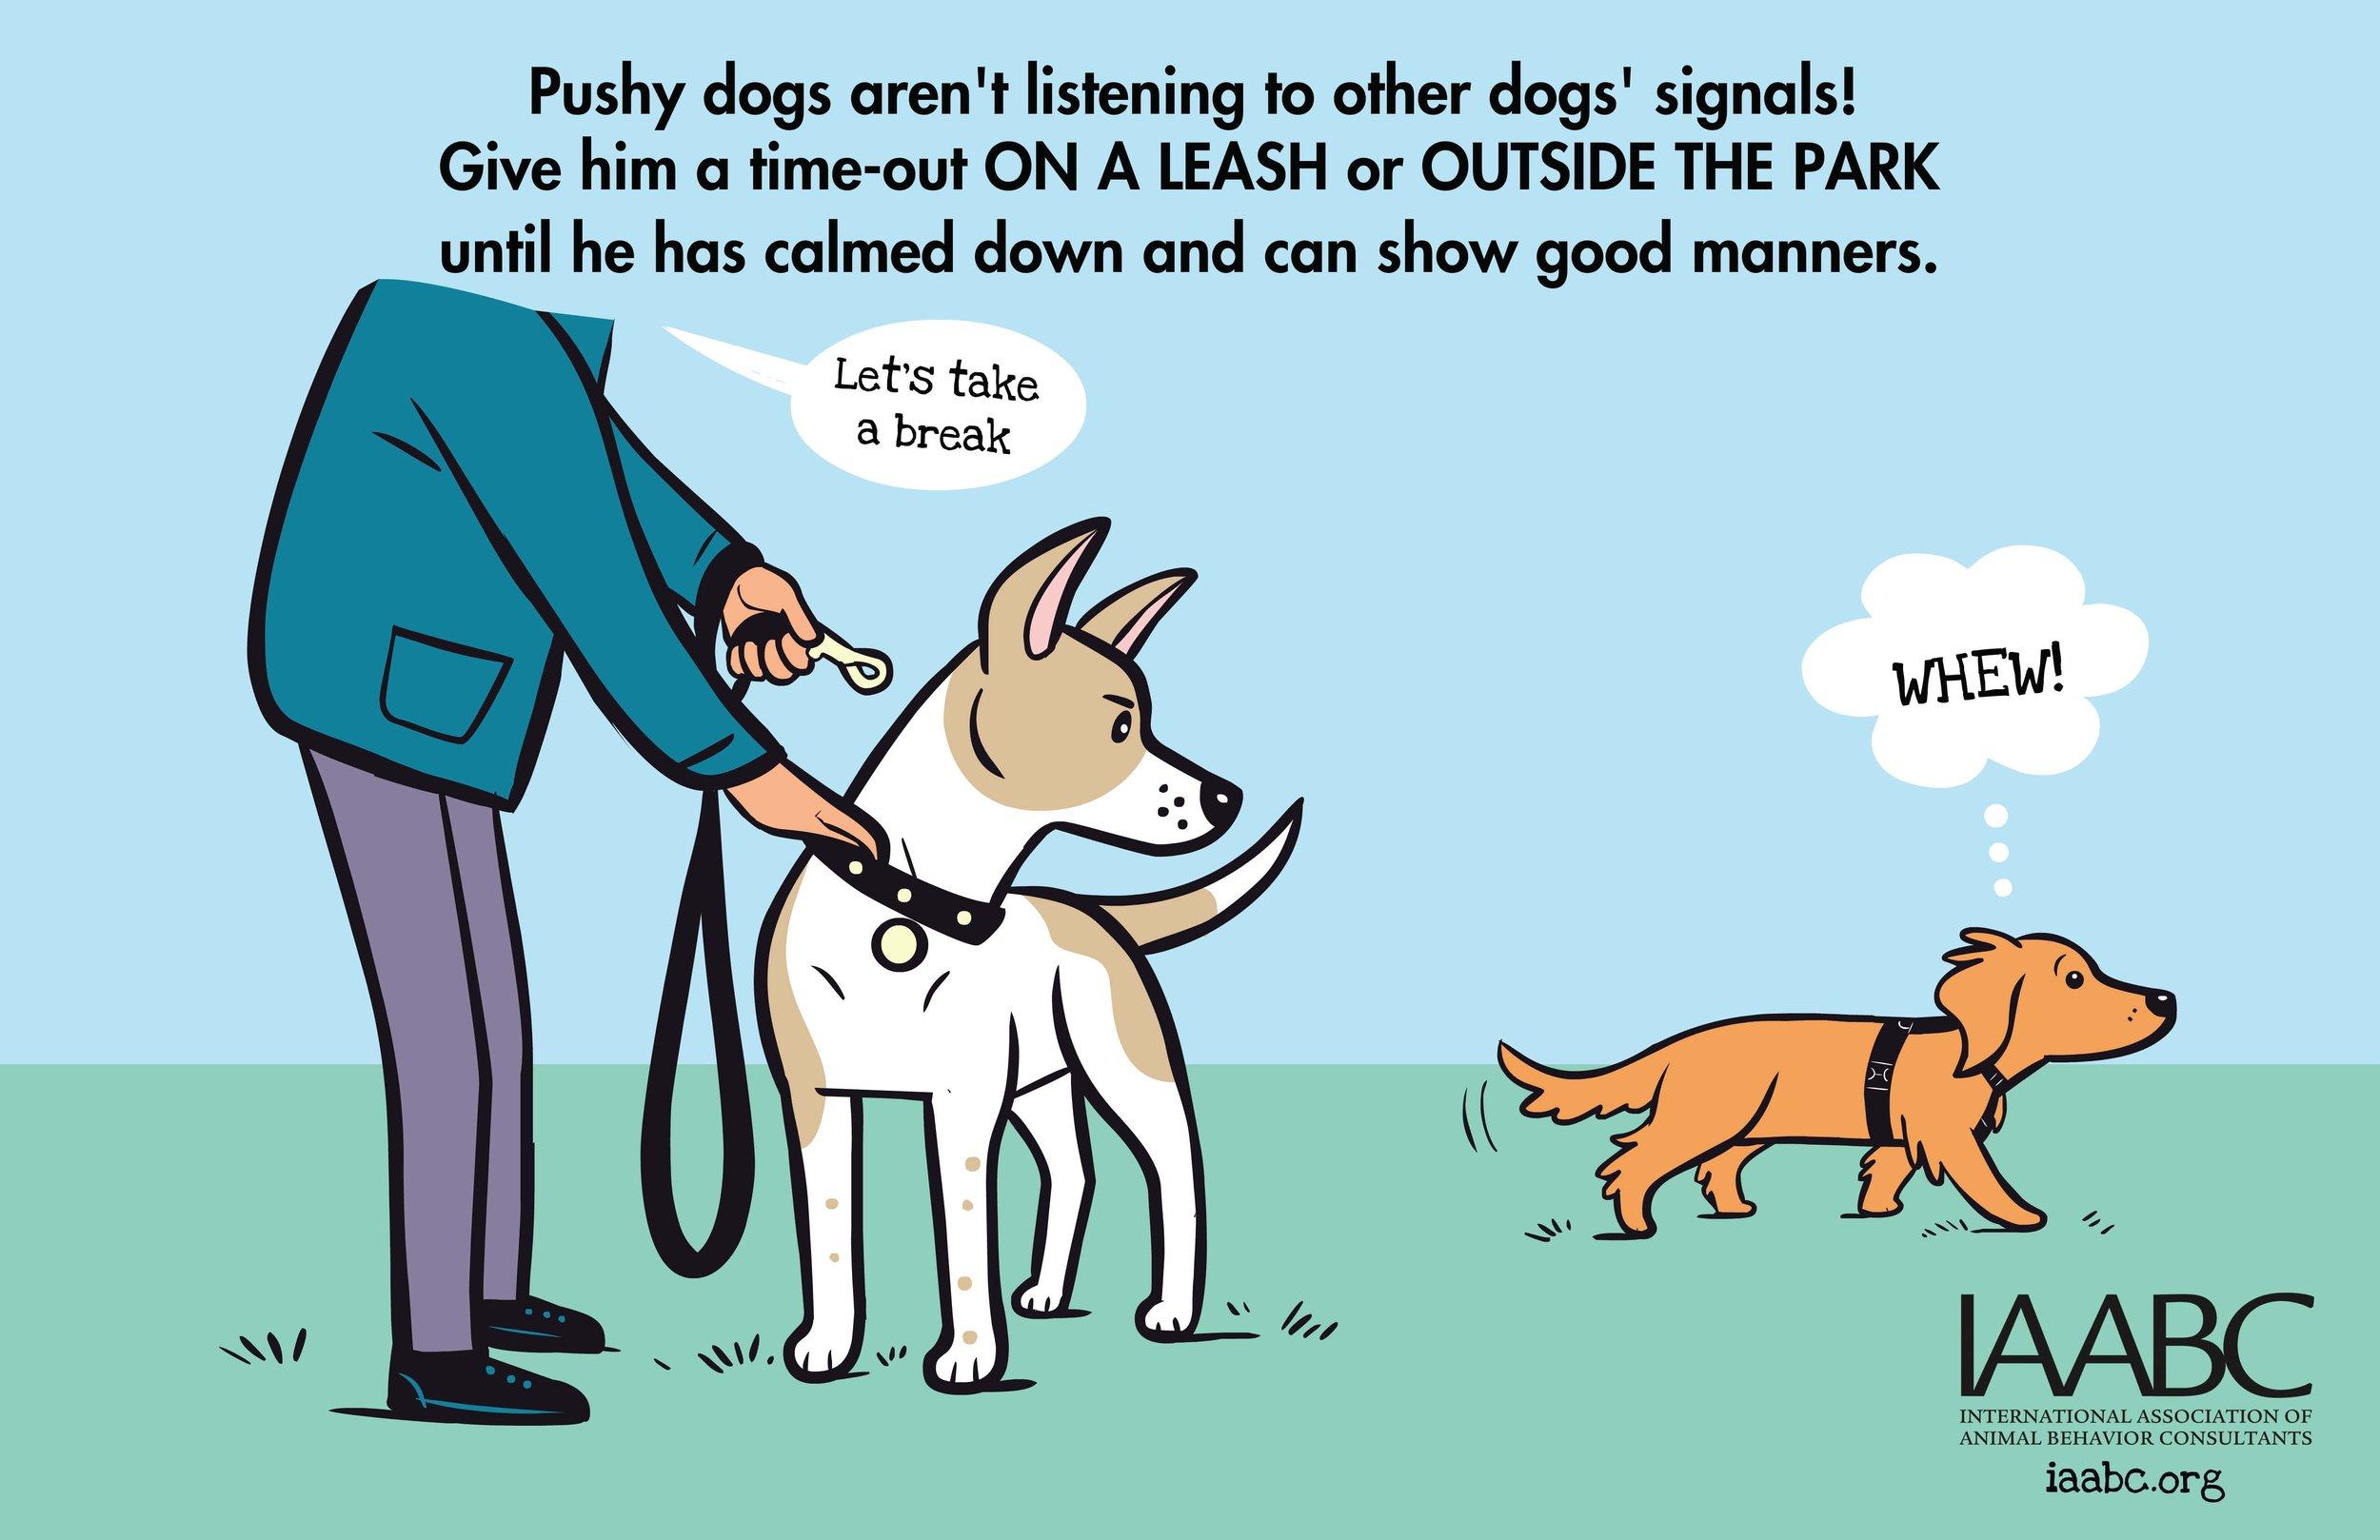 dog-park-etiquette.jpg